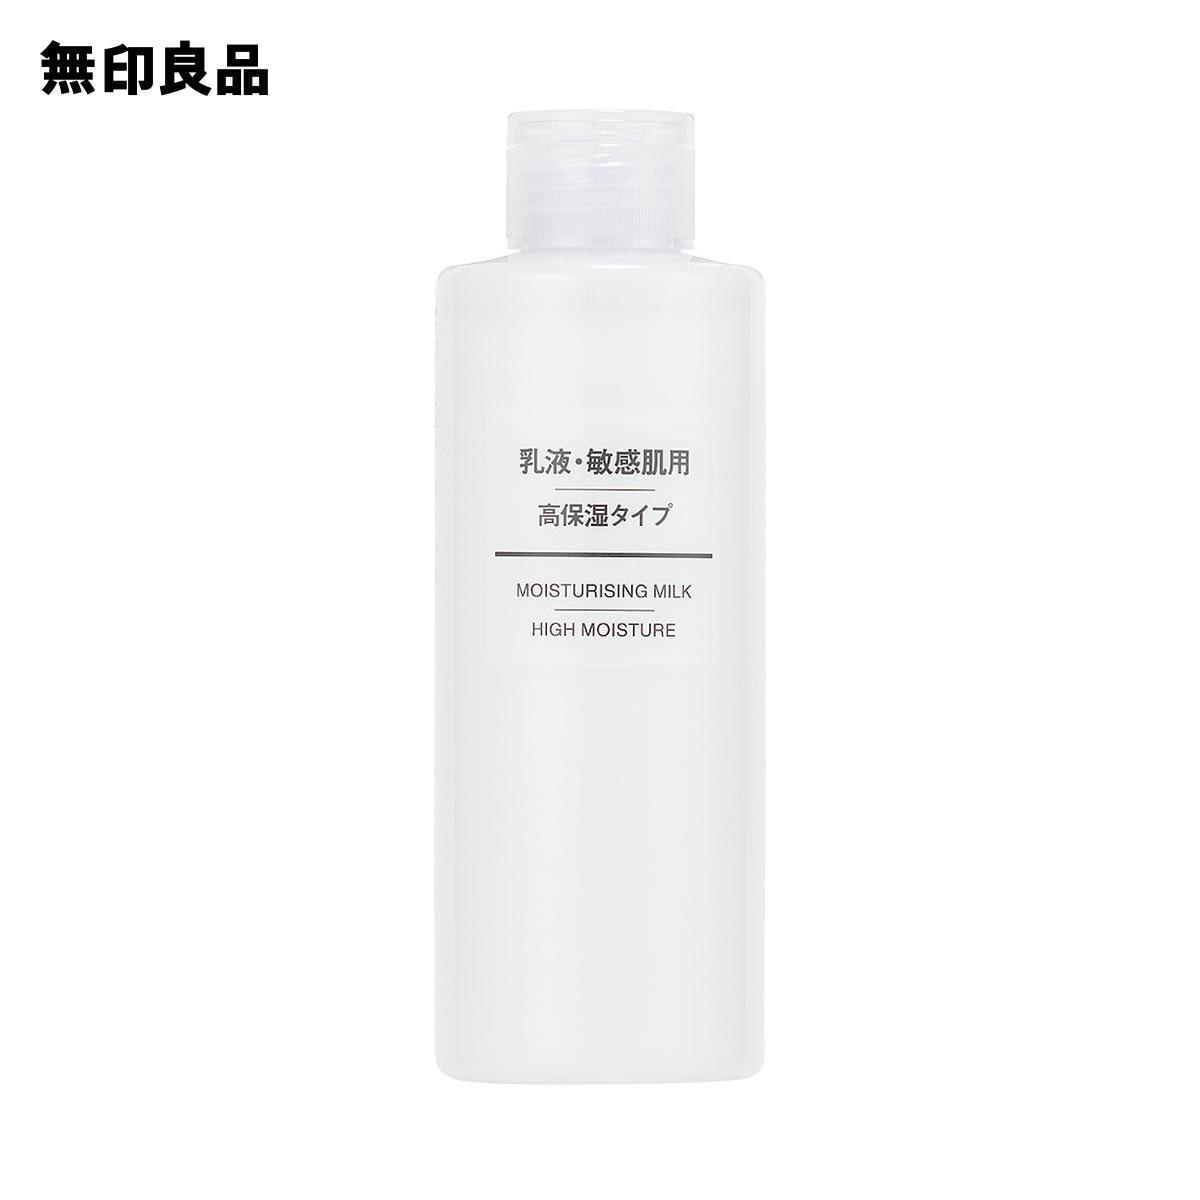 大決算セール 無印良品 公式 乳液 敏感肌用 高保湿タイプ200ml 期間限定で特別価格